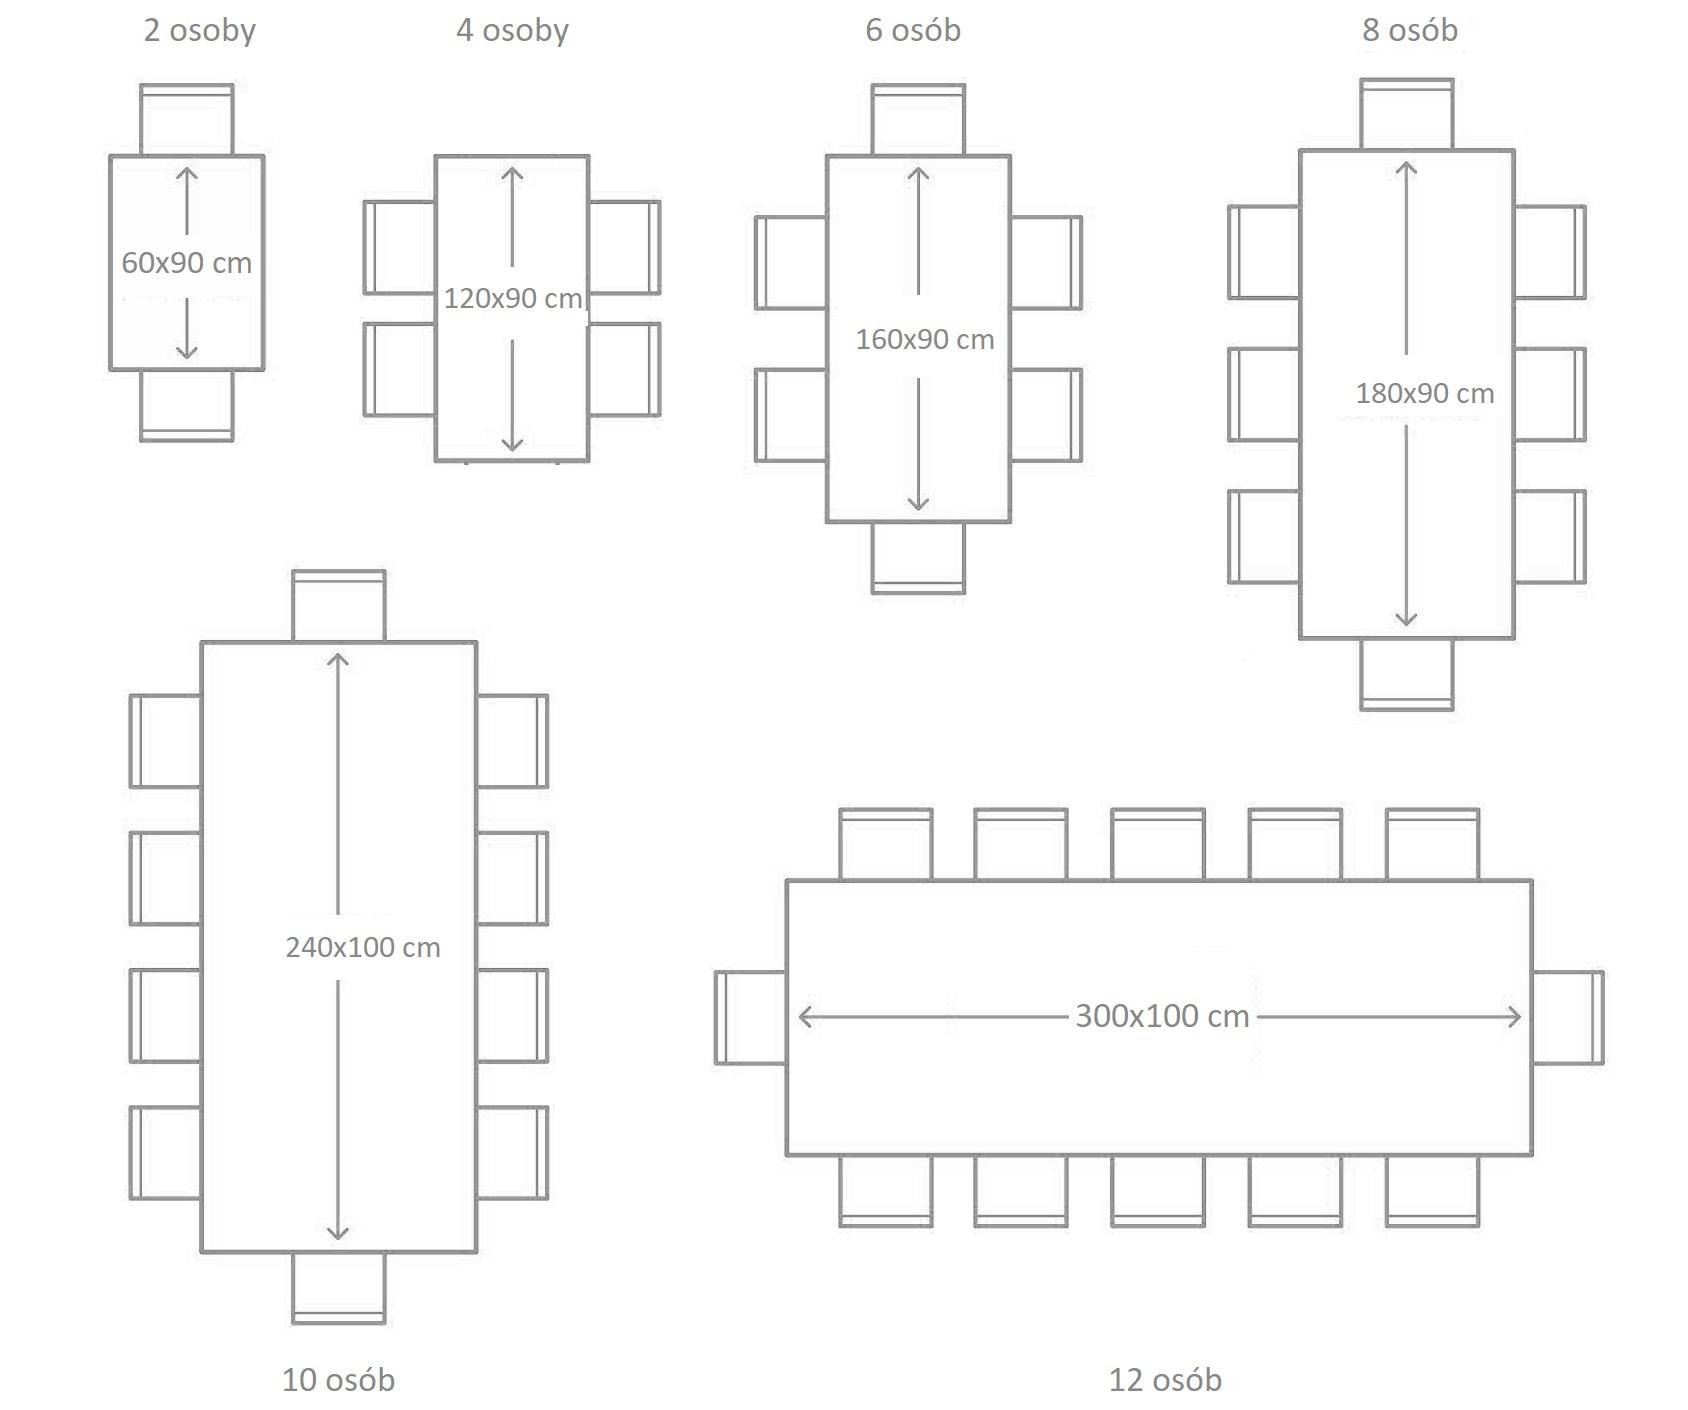 Rozmiary stołu prostokątnego a liczba osób